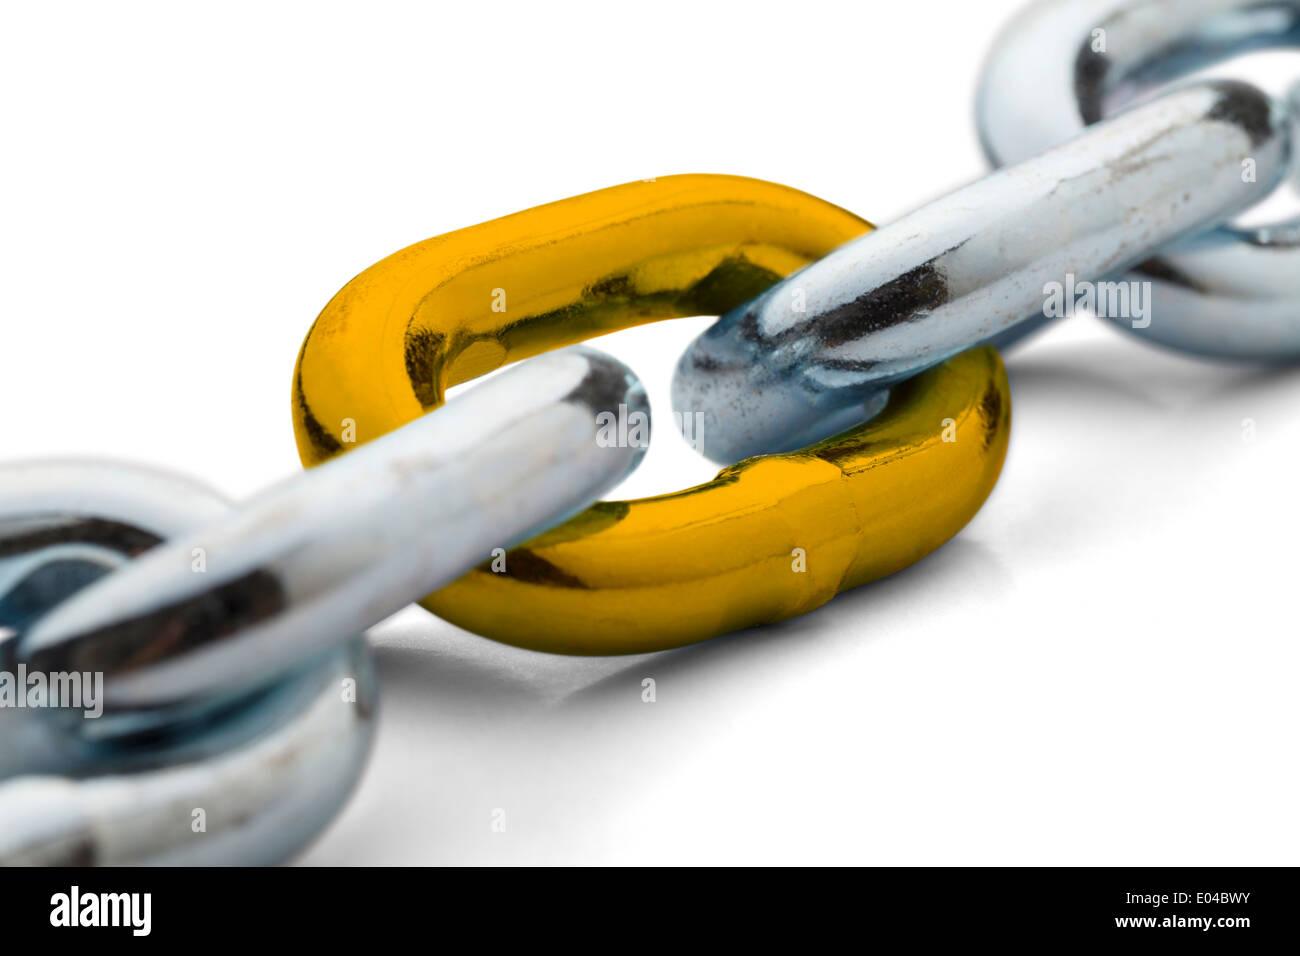 Kette statt zusammen mit einem gold Link isoliert auf einem weißen Hintergrund. Stockbild